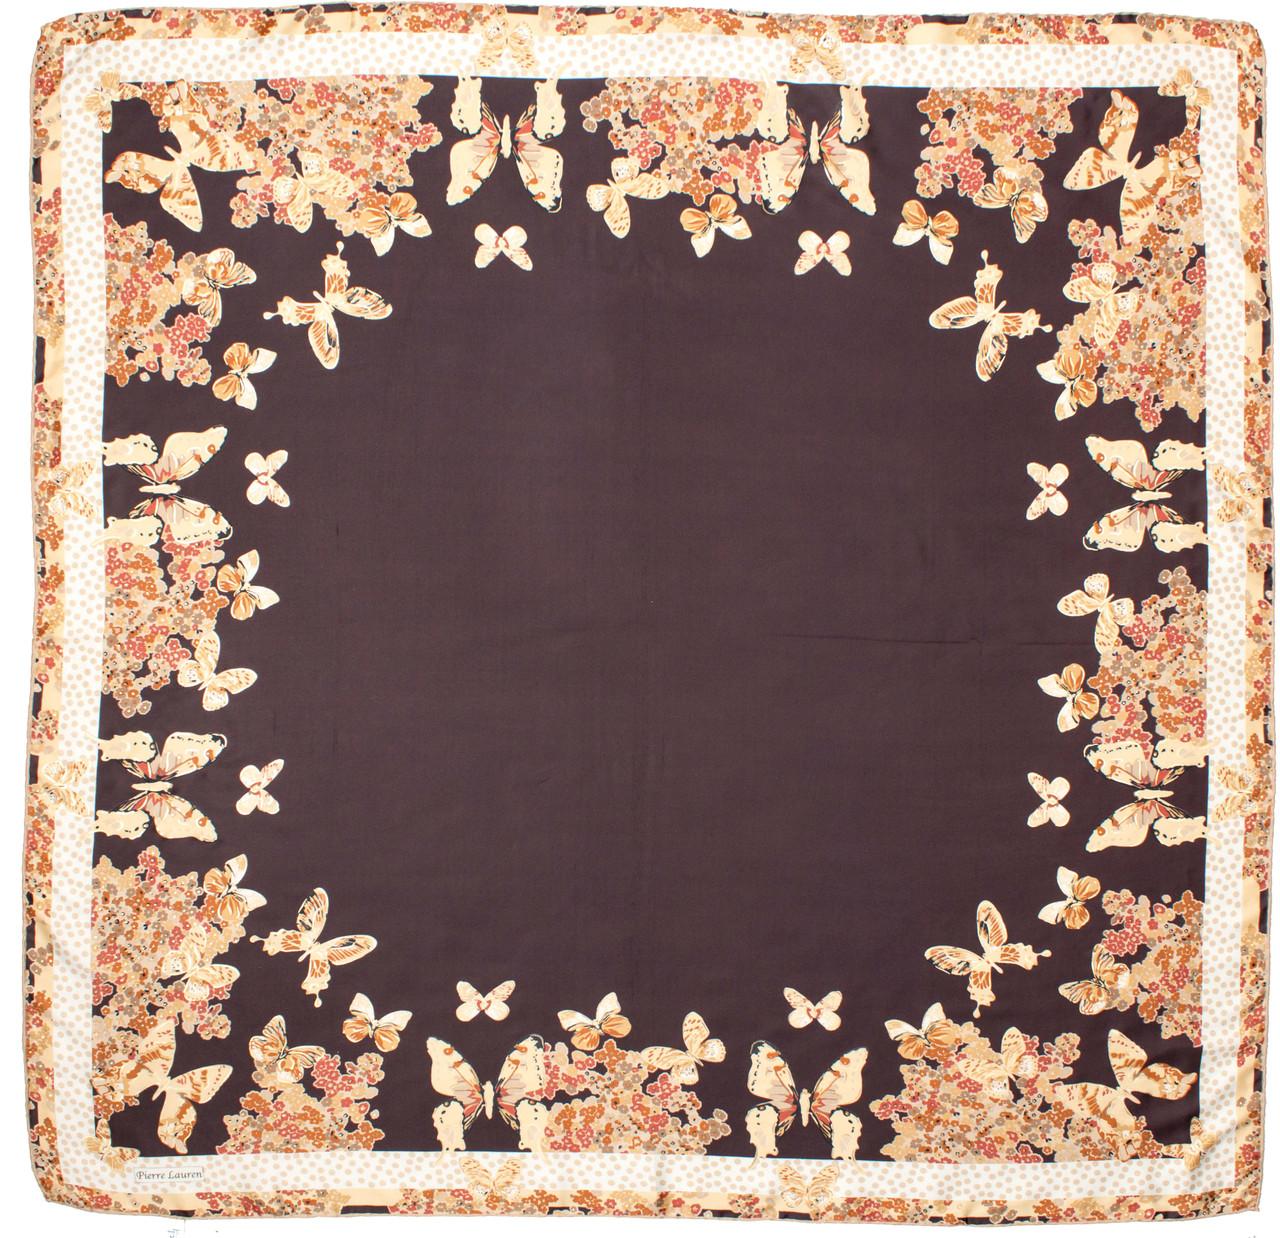 Атласный платок Pierre Lauren